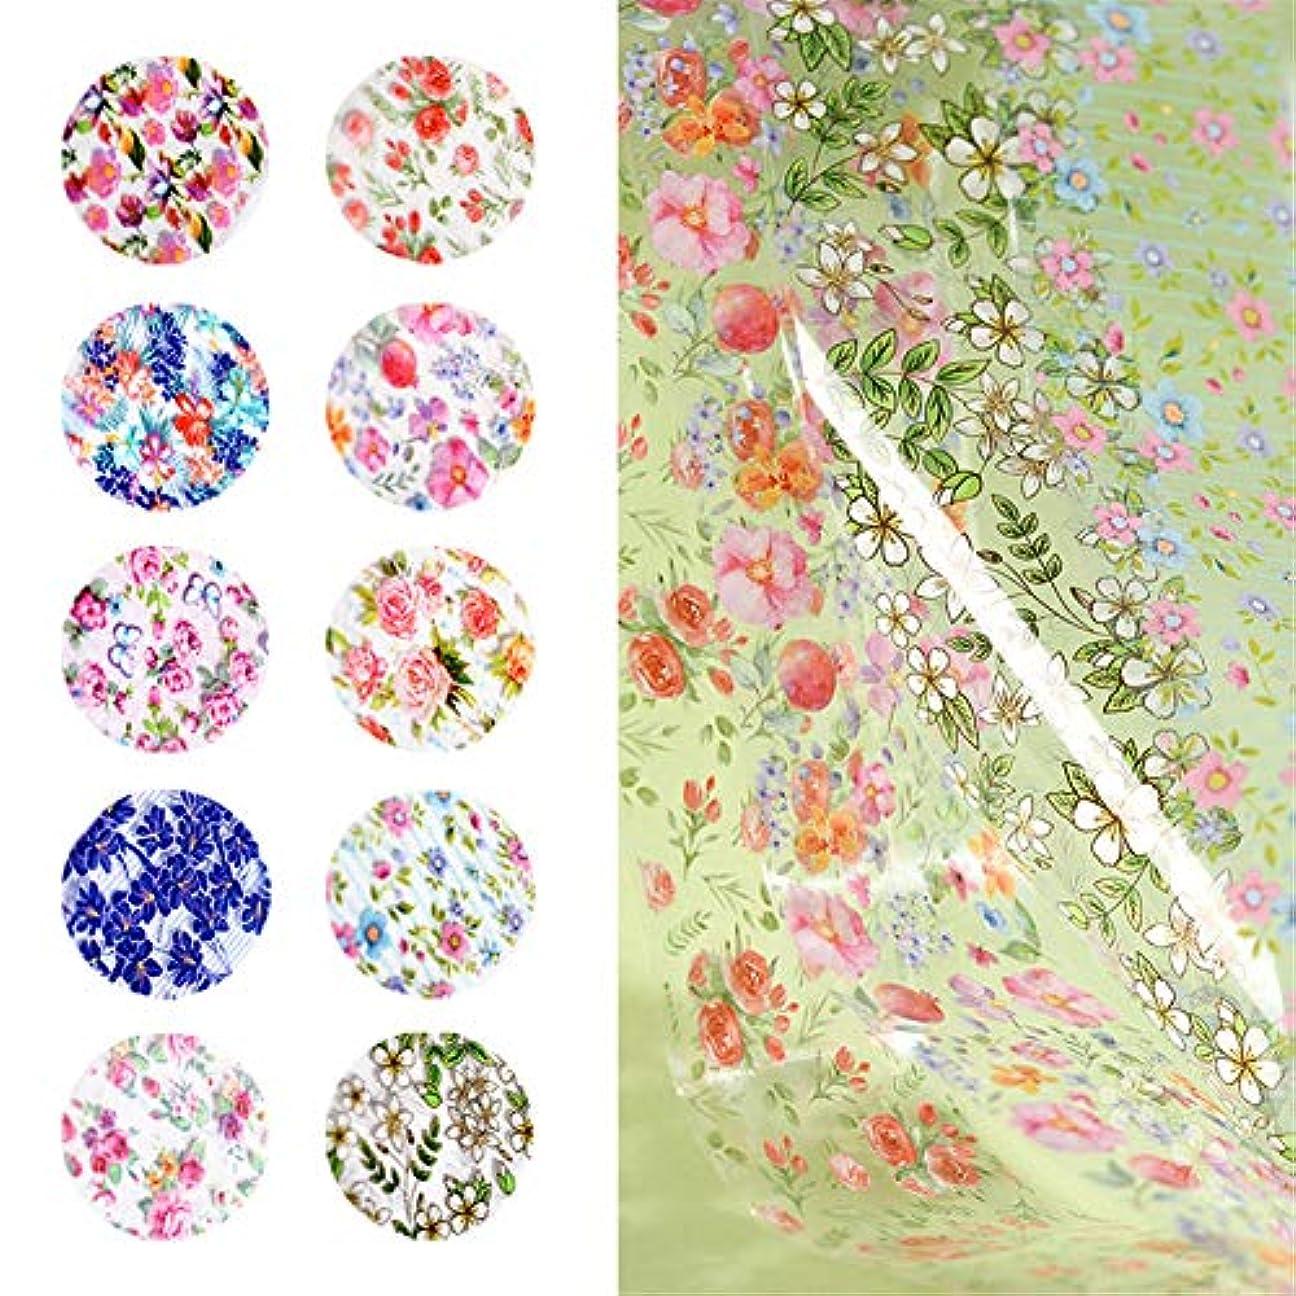 縫う憂慮すべき対人10シール フラワー ネイルホイル レース 桜 春 ネイルデコ ステッカー ネイルアート ホイル (01-10)